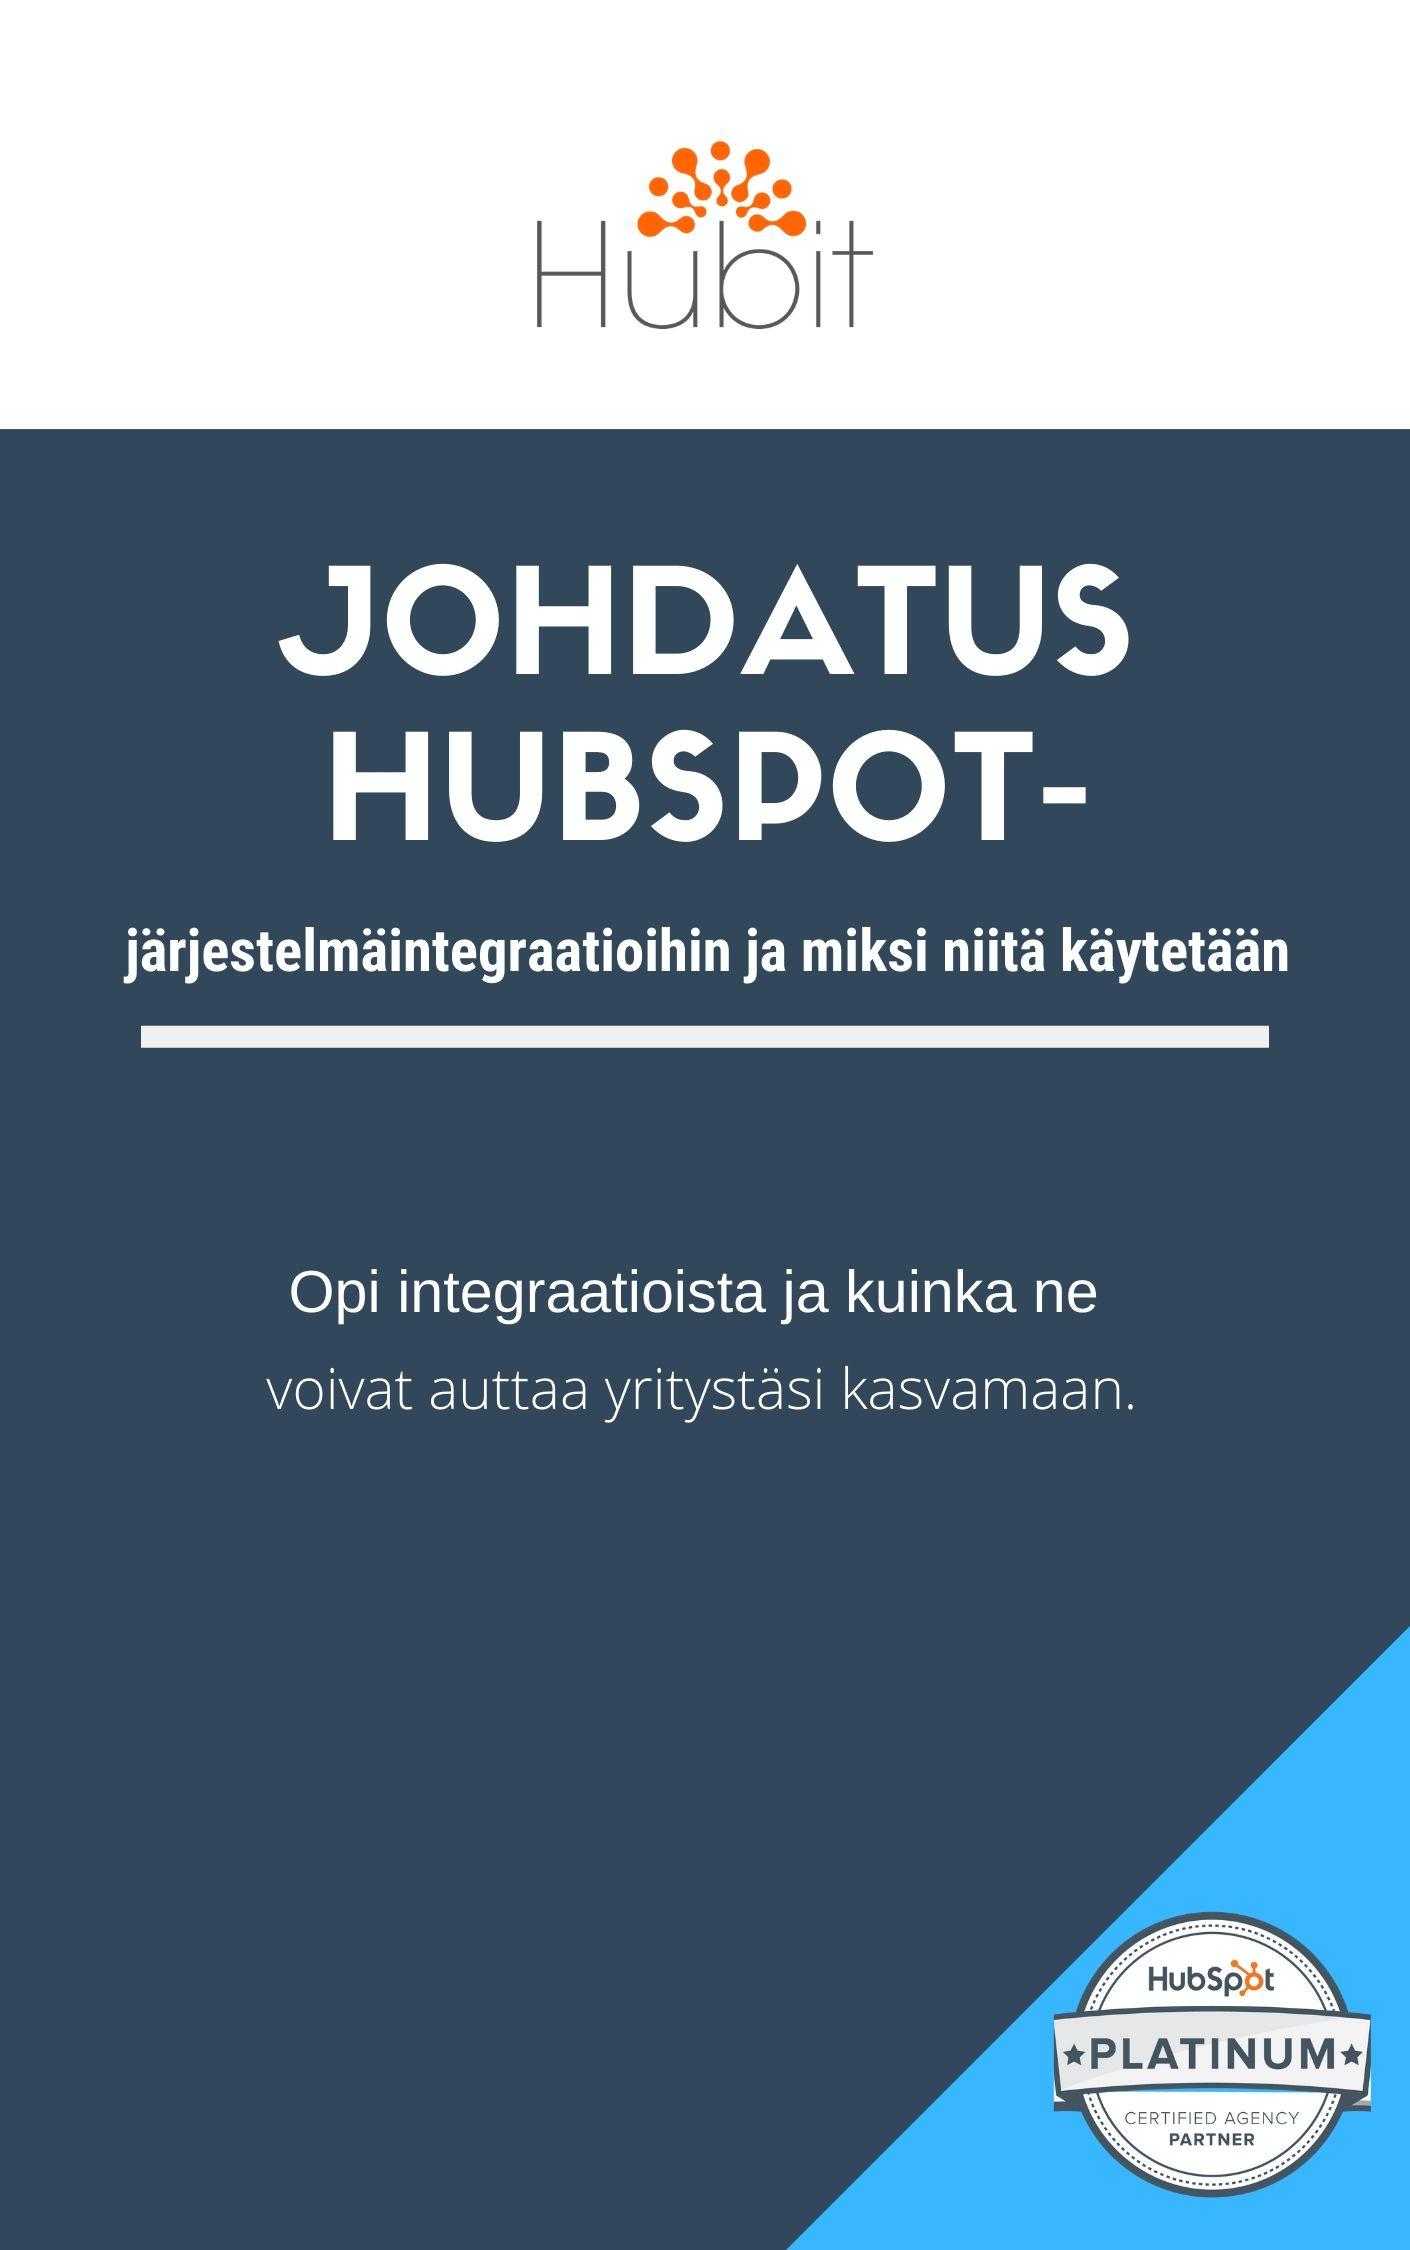 Johdatus HubSpot järjestelmäintegraatioihin